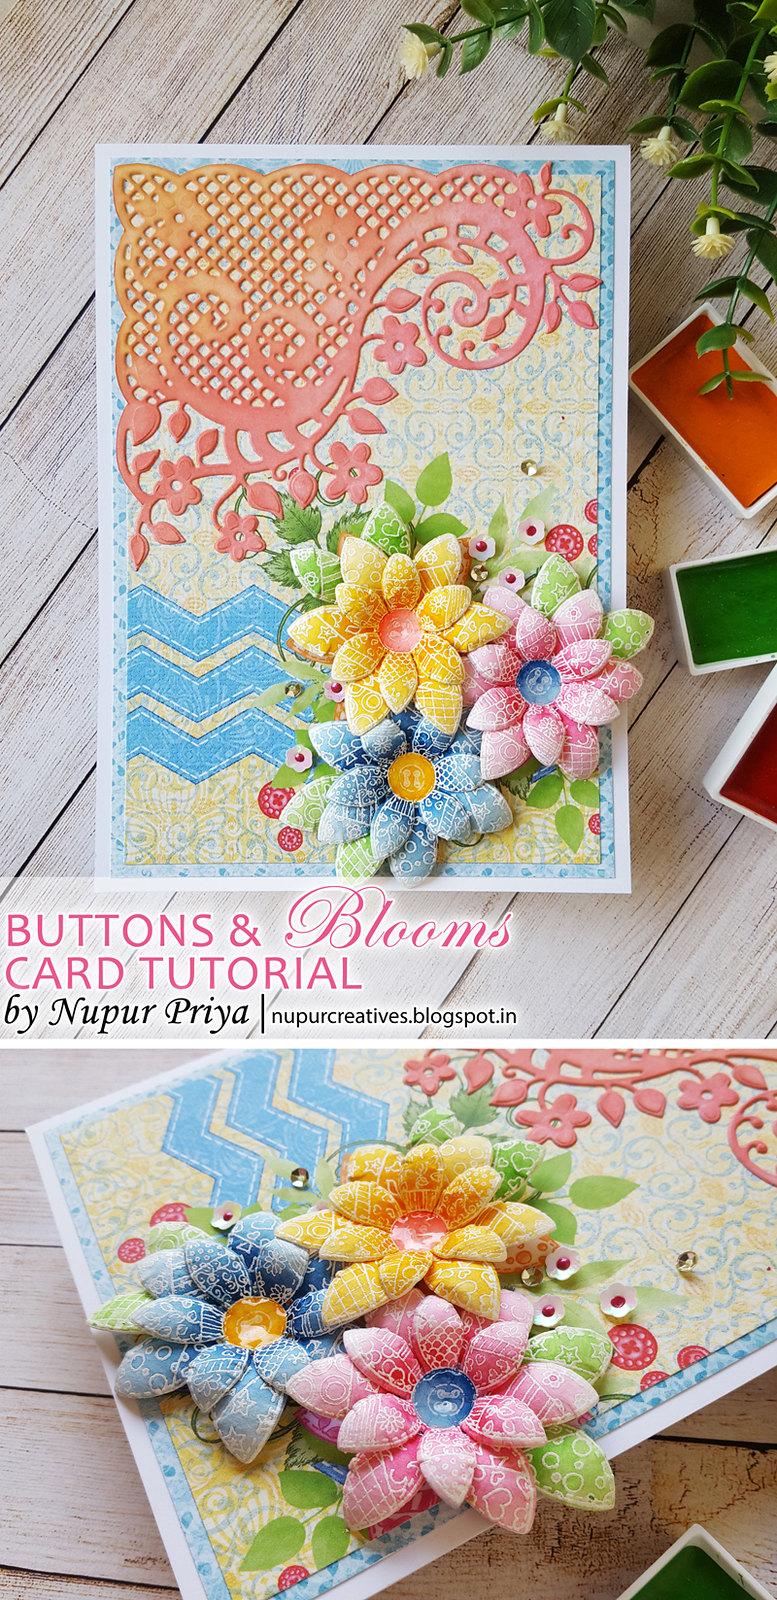 Buttons & Blooms Card Tutorial pinterest